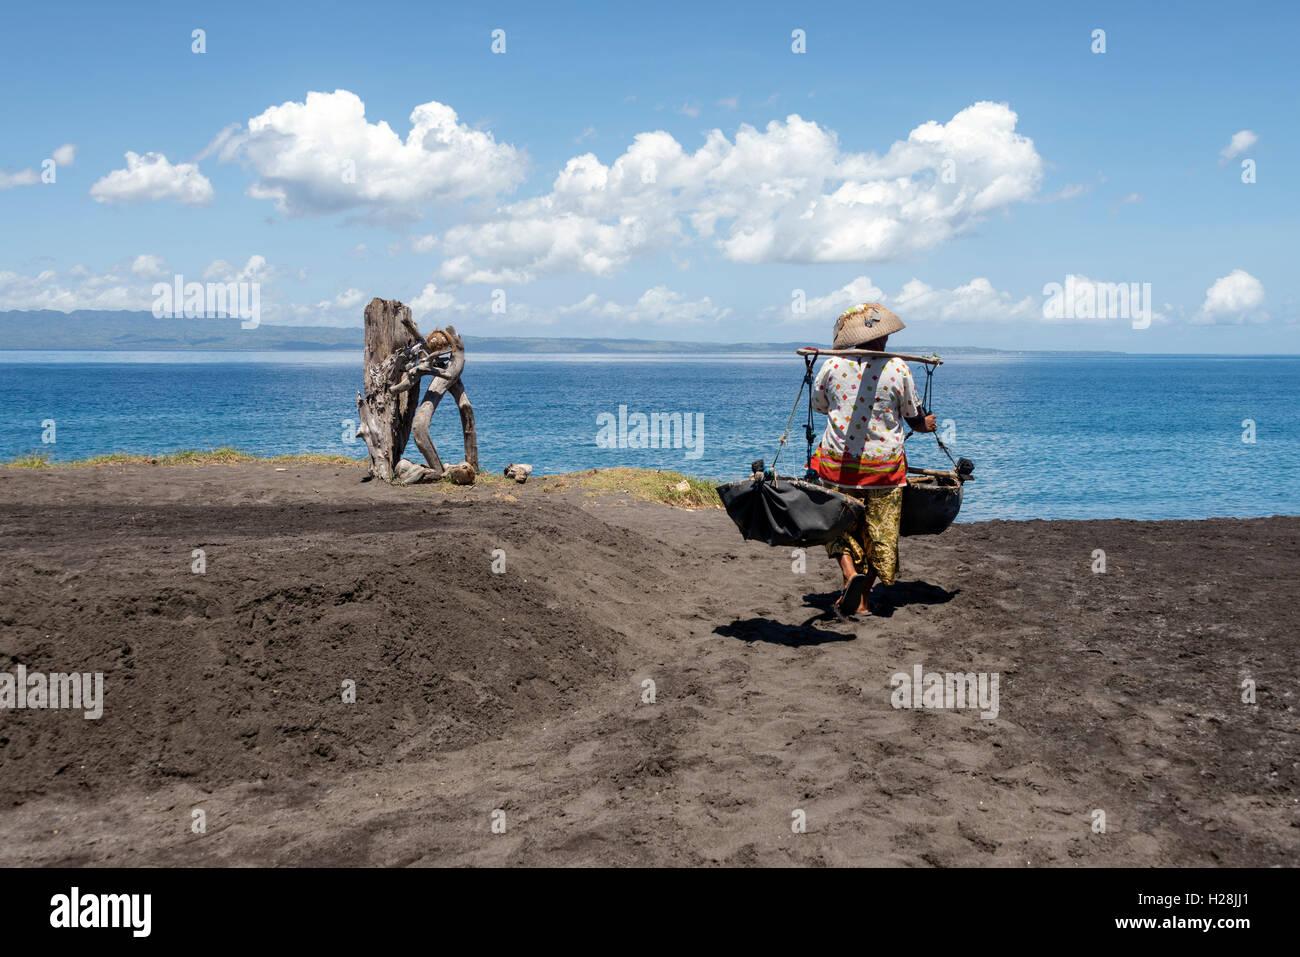 Frau, die ein Teku-Teku, Meerwasser, die später spritzte wird auf den Sand, um das Salz zu extrahieren zu sammeln. Stockbild